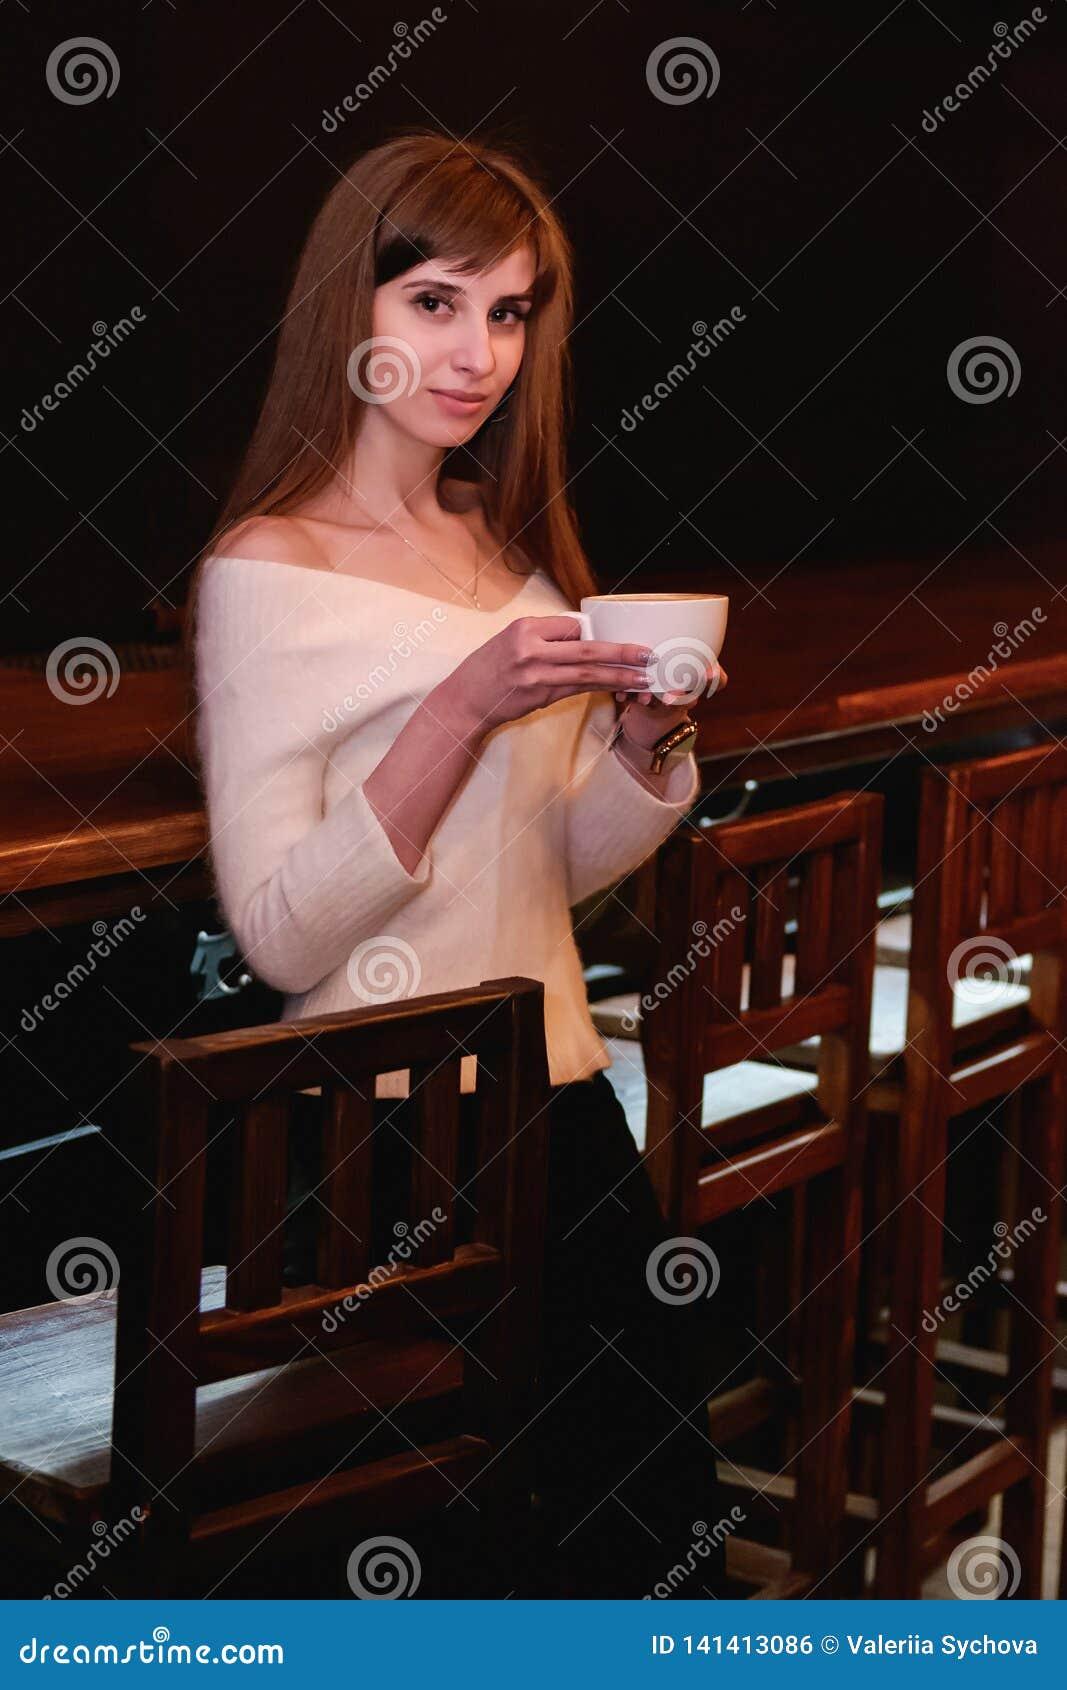 Длинн-с волосами красивая девушка в белом свитере стоит в кофейне на деревянном столе с чашкой, сиротливой девушкой